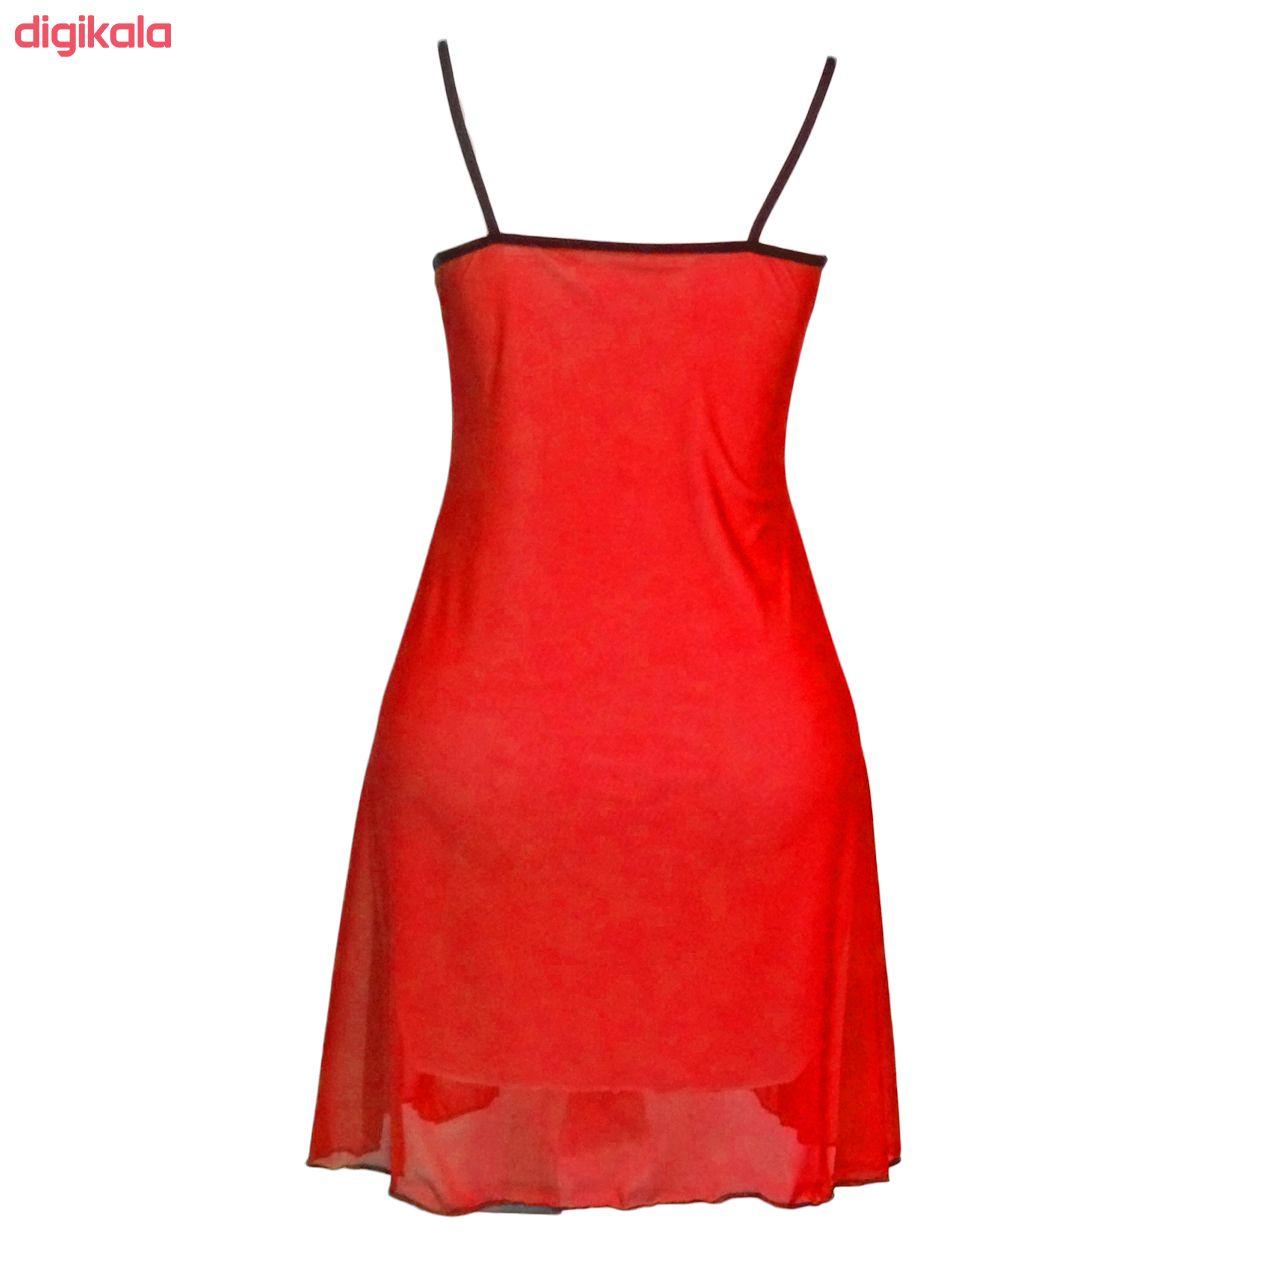 لباس خواب زنانه کد 1630-R main 1 3